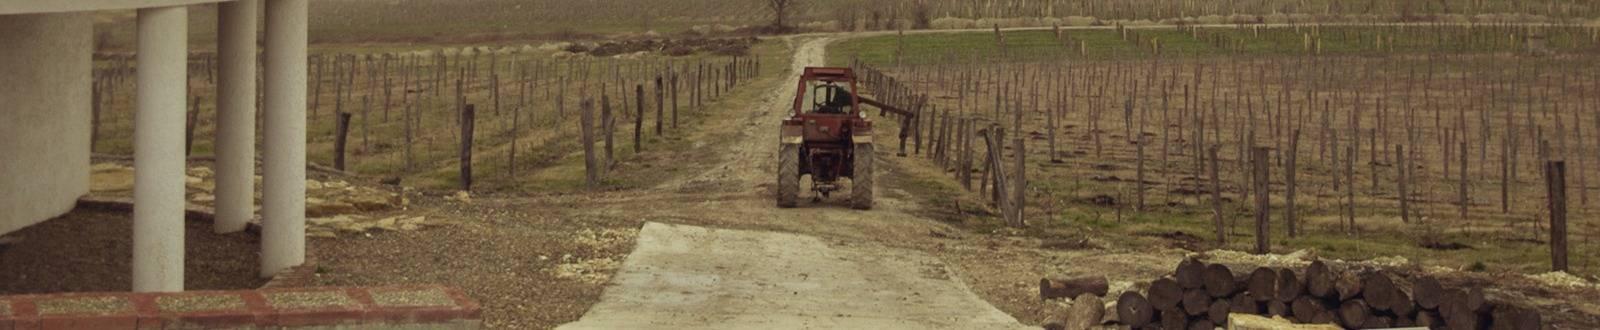 Саук-Дере виноградники осенью